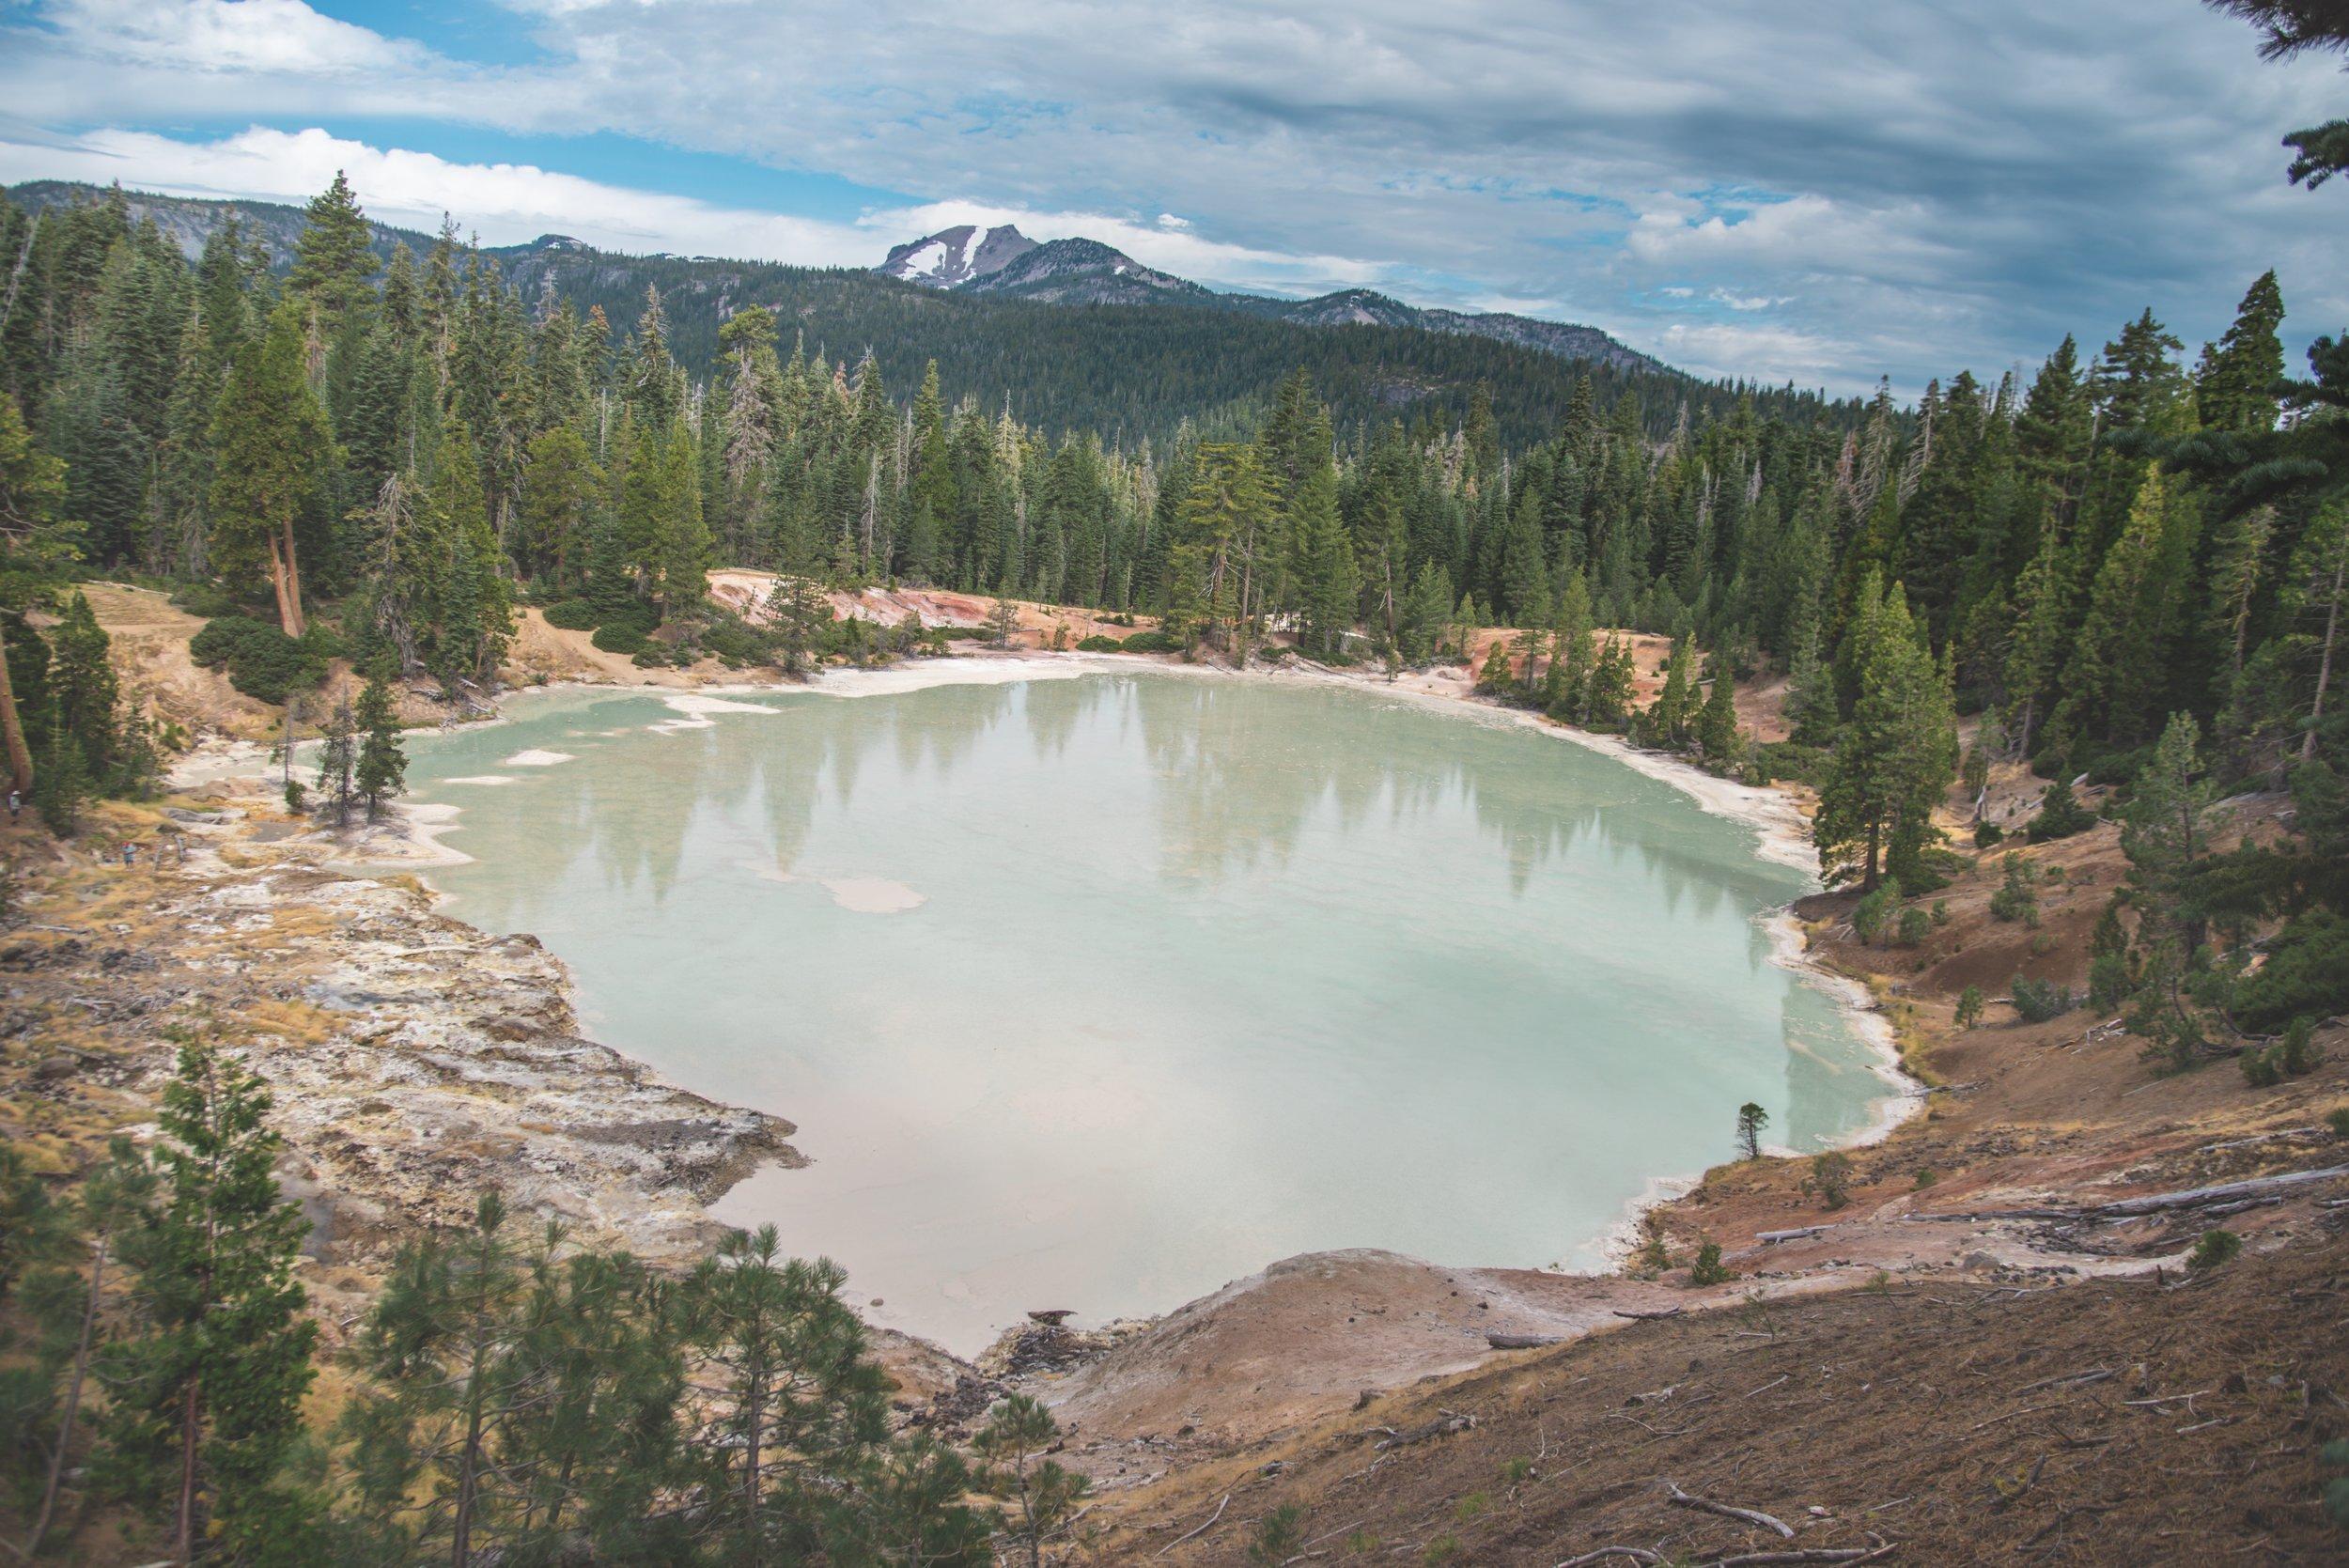 Vista del lago hirviendo - foto de Matt Davey.